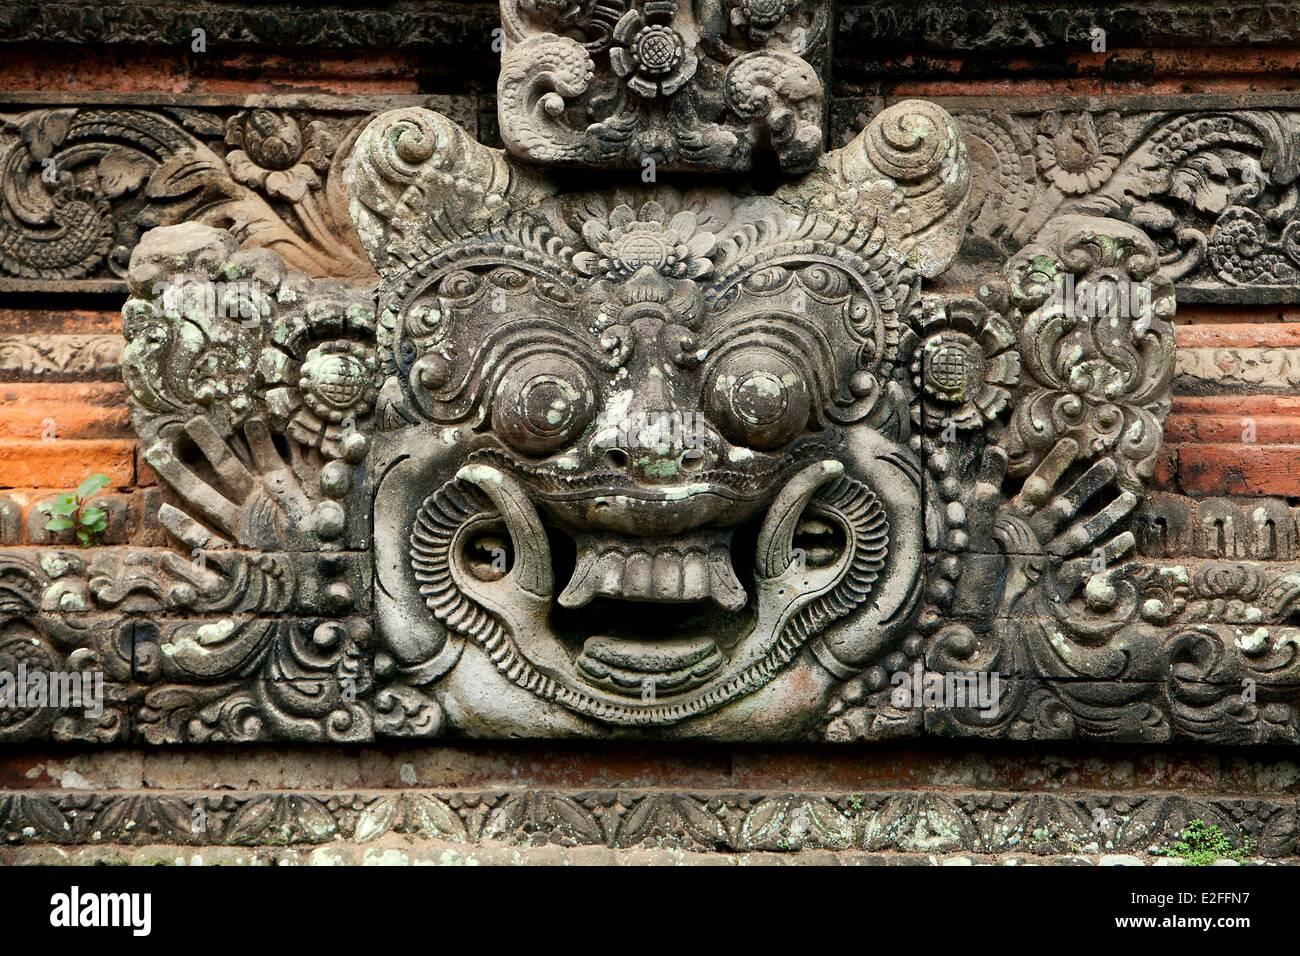 Indonesia, Bali, Ubud, Monkey Forest, Dalem Agung Padantegal Temple - Stock Image